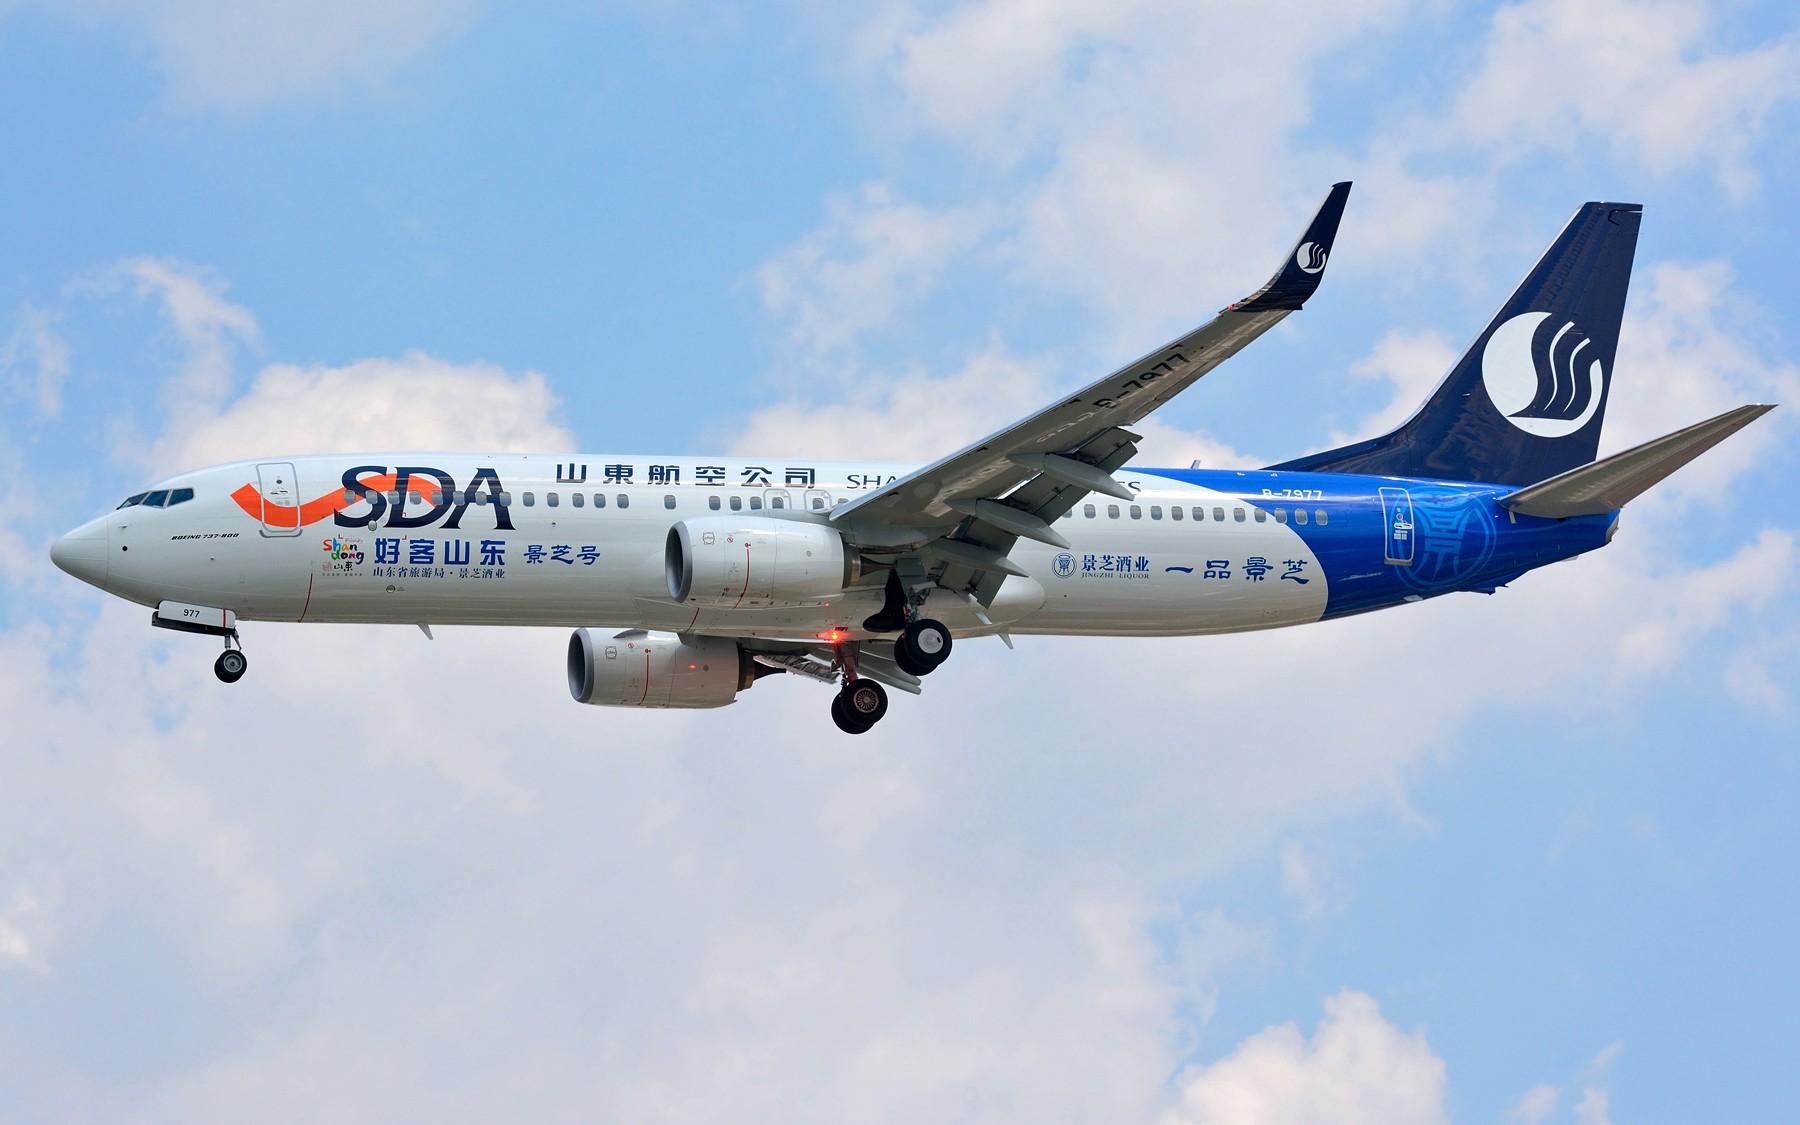 [原创]【SHA】山东航空第一架景芝号彩绘 B-7977 BOEING 737-800 B-7977 中国上海虹桥国际机场